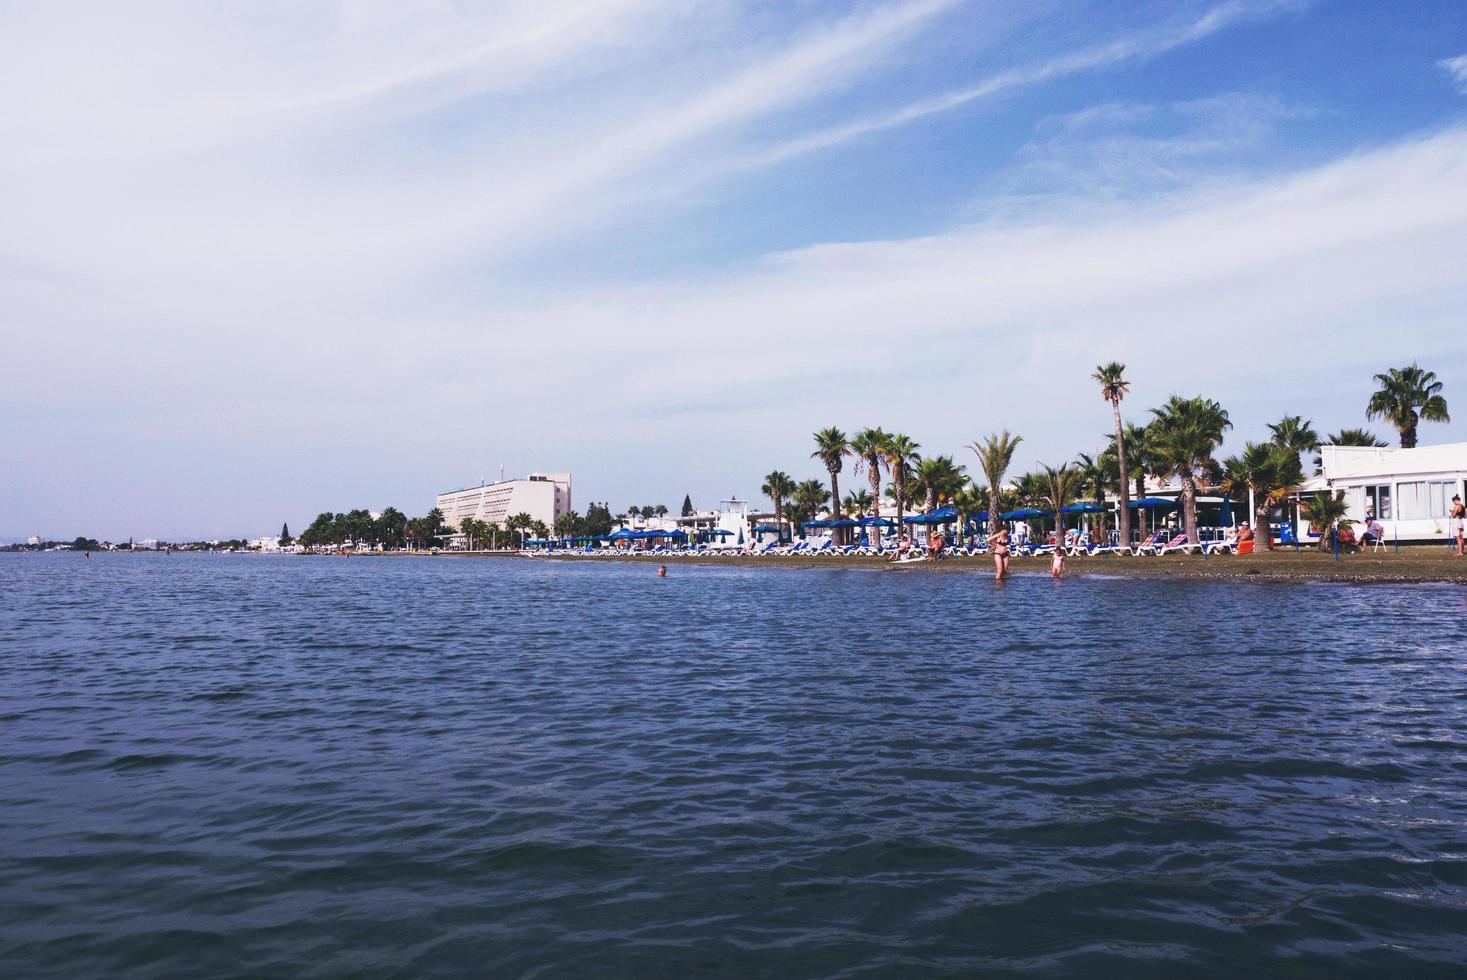 plage de larnaca et mer aux beaux jours photo